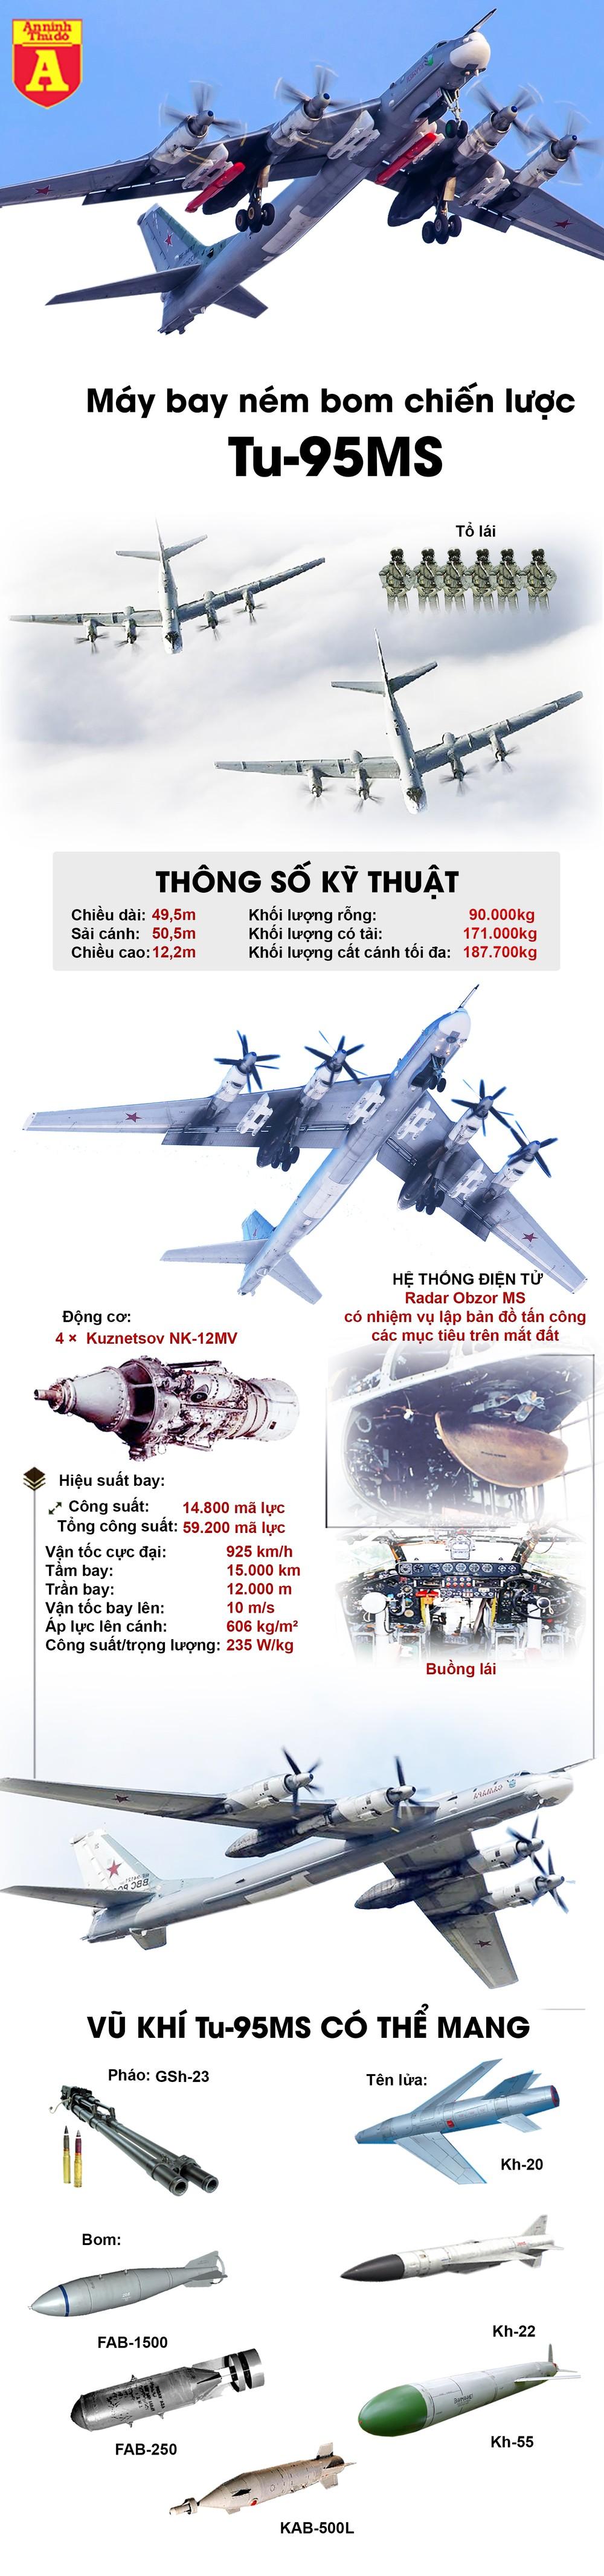 """[Info] """"Gấu bay"""" Tu-95MS lọt top máy bay cực nguy hiểm của Nga ảnh 2"""